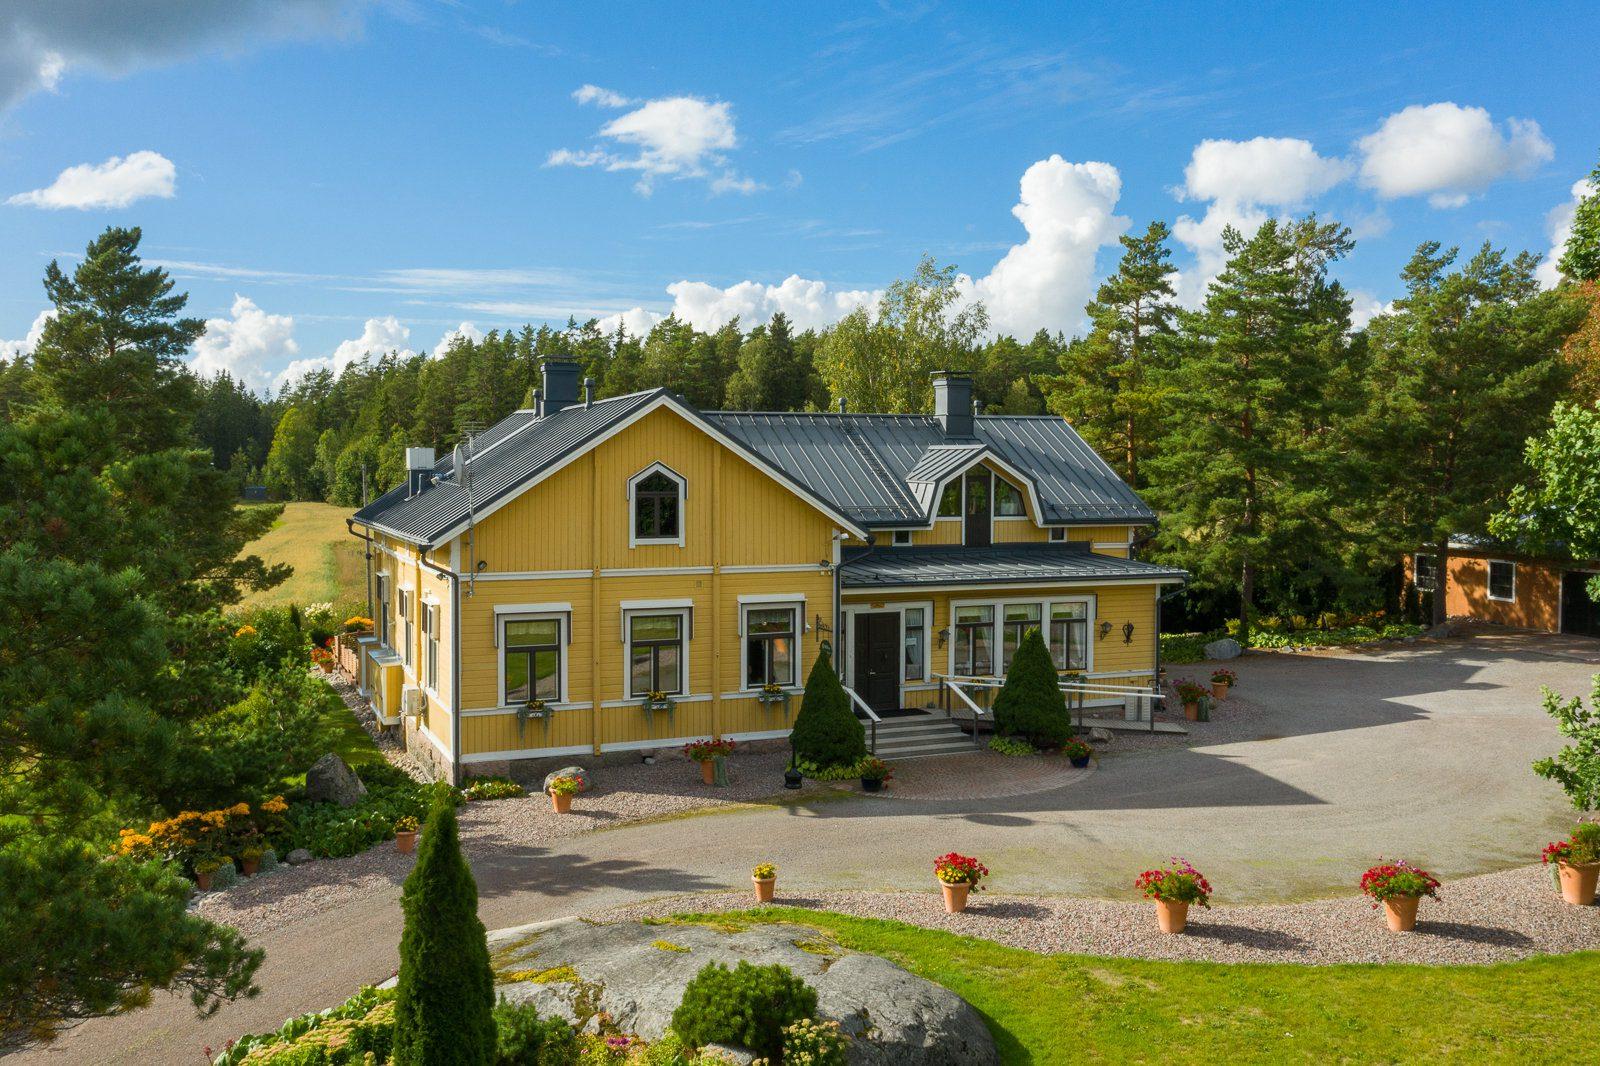 Ravintola Pohjakulman keltainen pääkuva ja piha. Kukkaruukuissa punaisia kukkia, taustalla metsää ja peltoa. Sininen taivas ja muutamia pilviä.